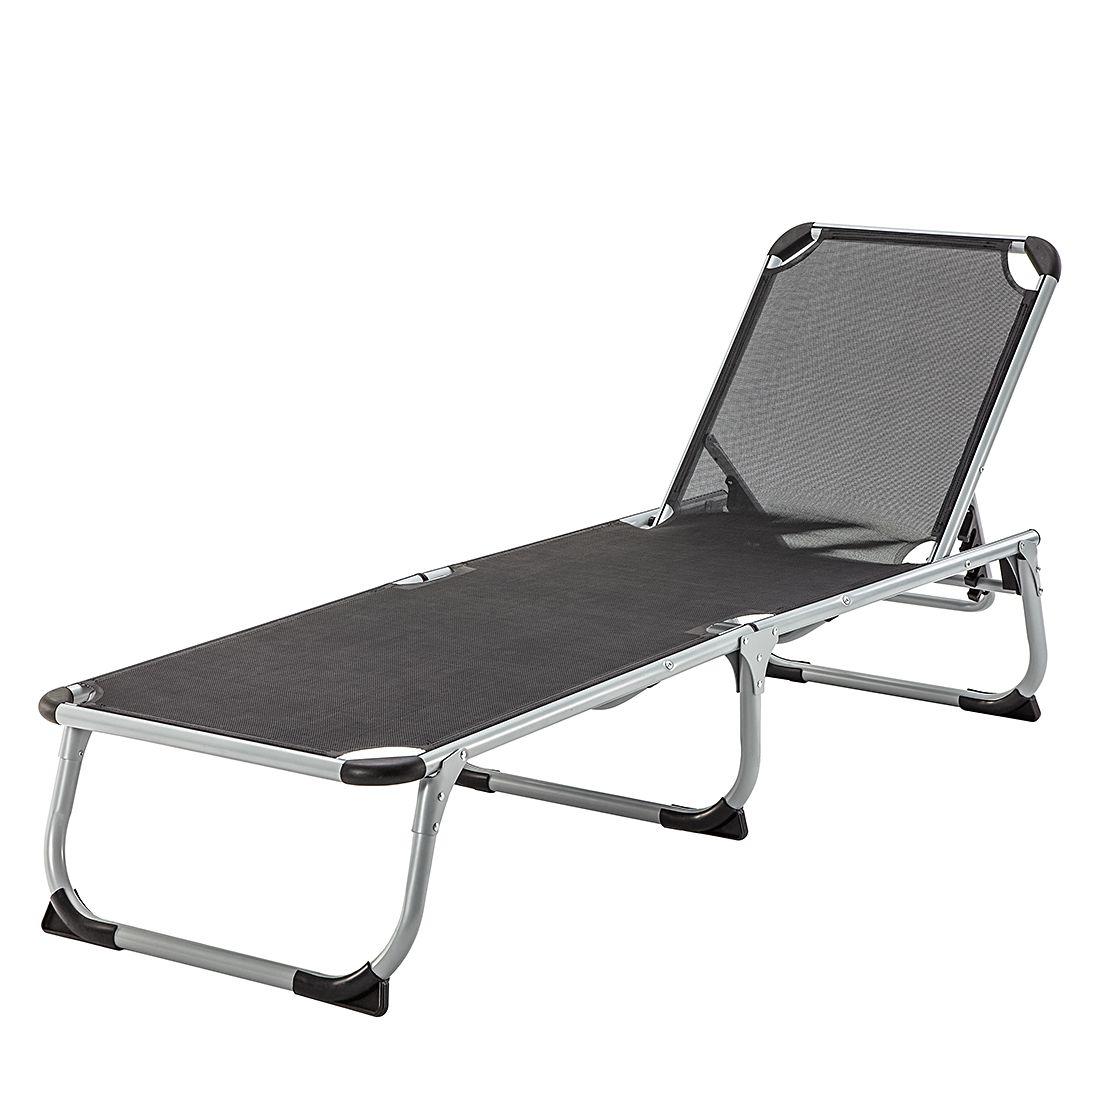 47 sparen sonnenliege summer sun ii von mooved nur 59 99 cherry m bel home24. Black Bedroom Furniture Sets. Home Design Ideas